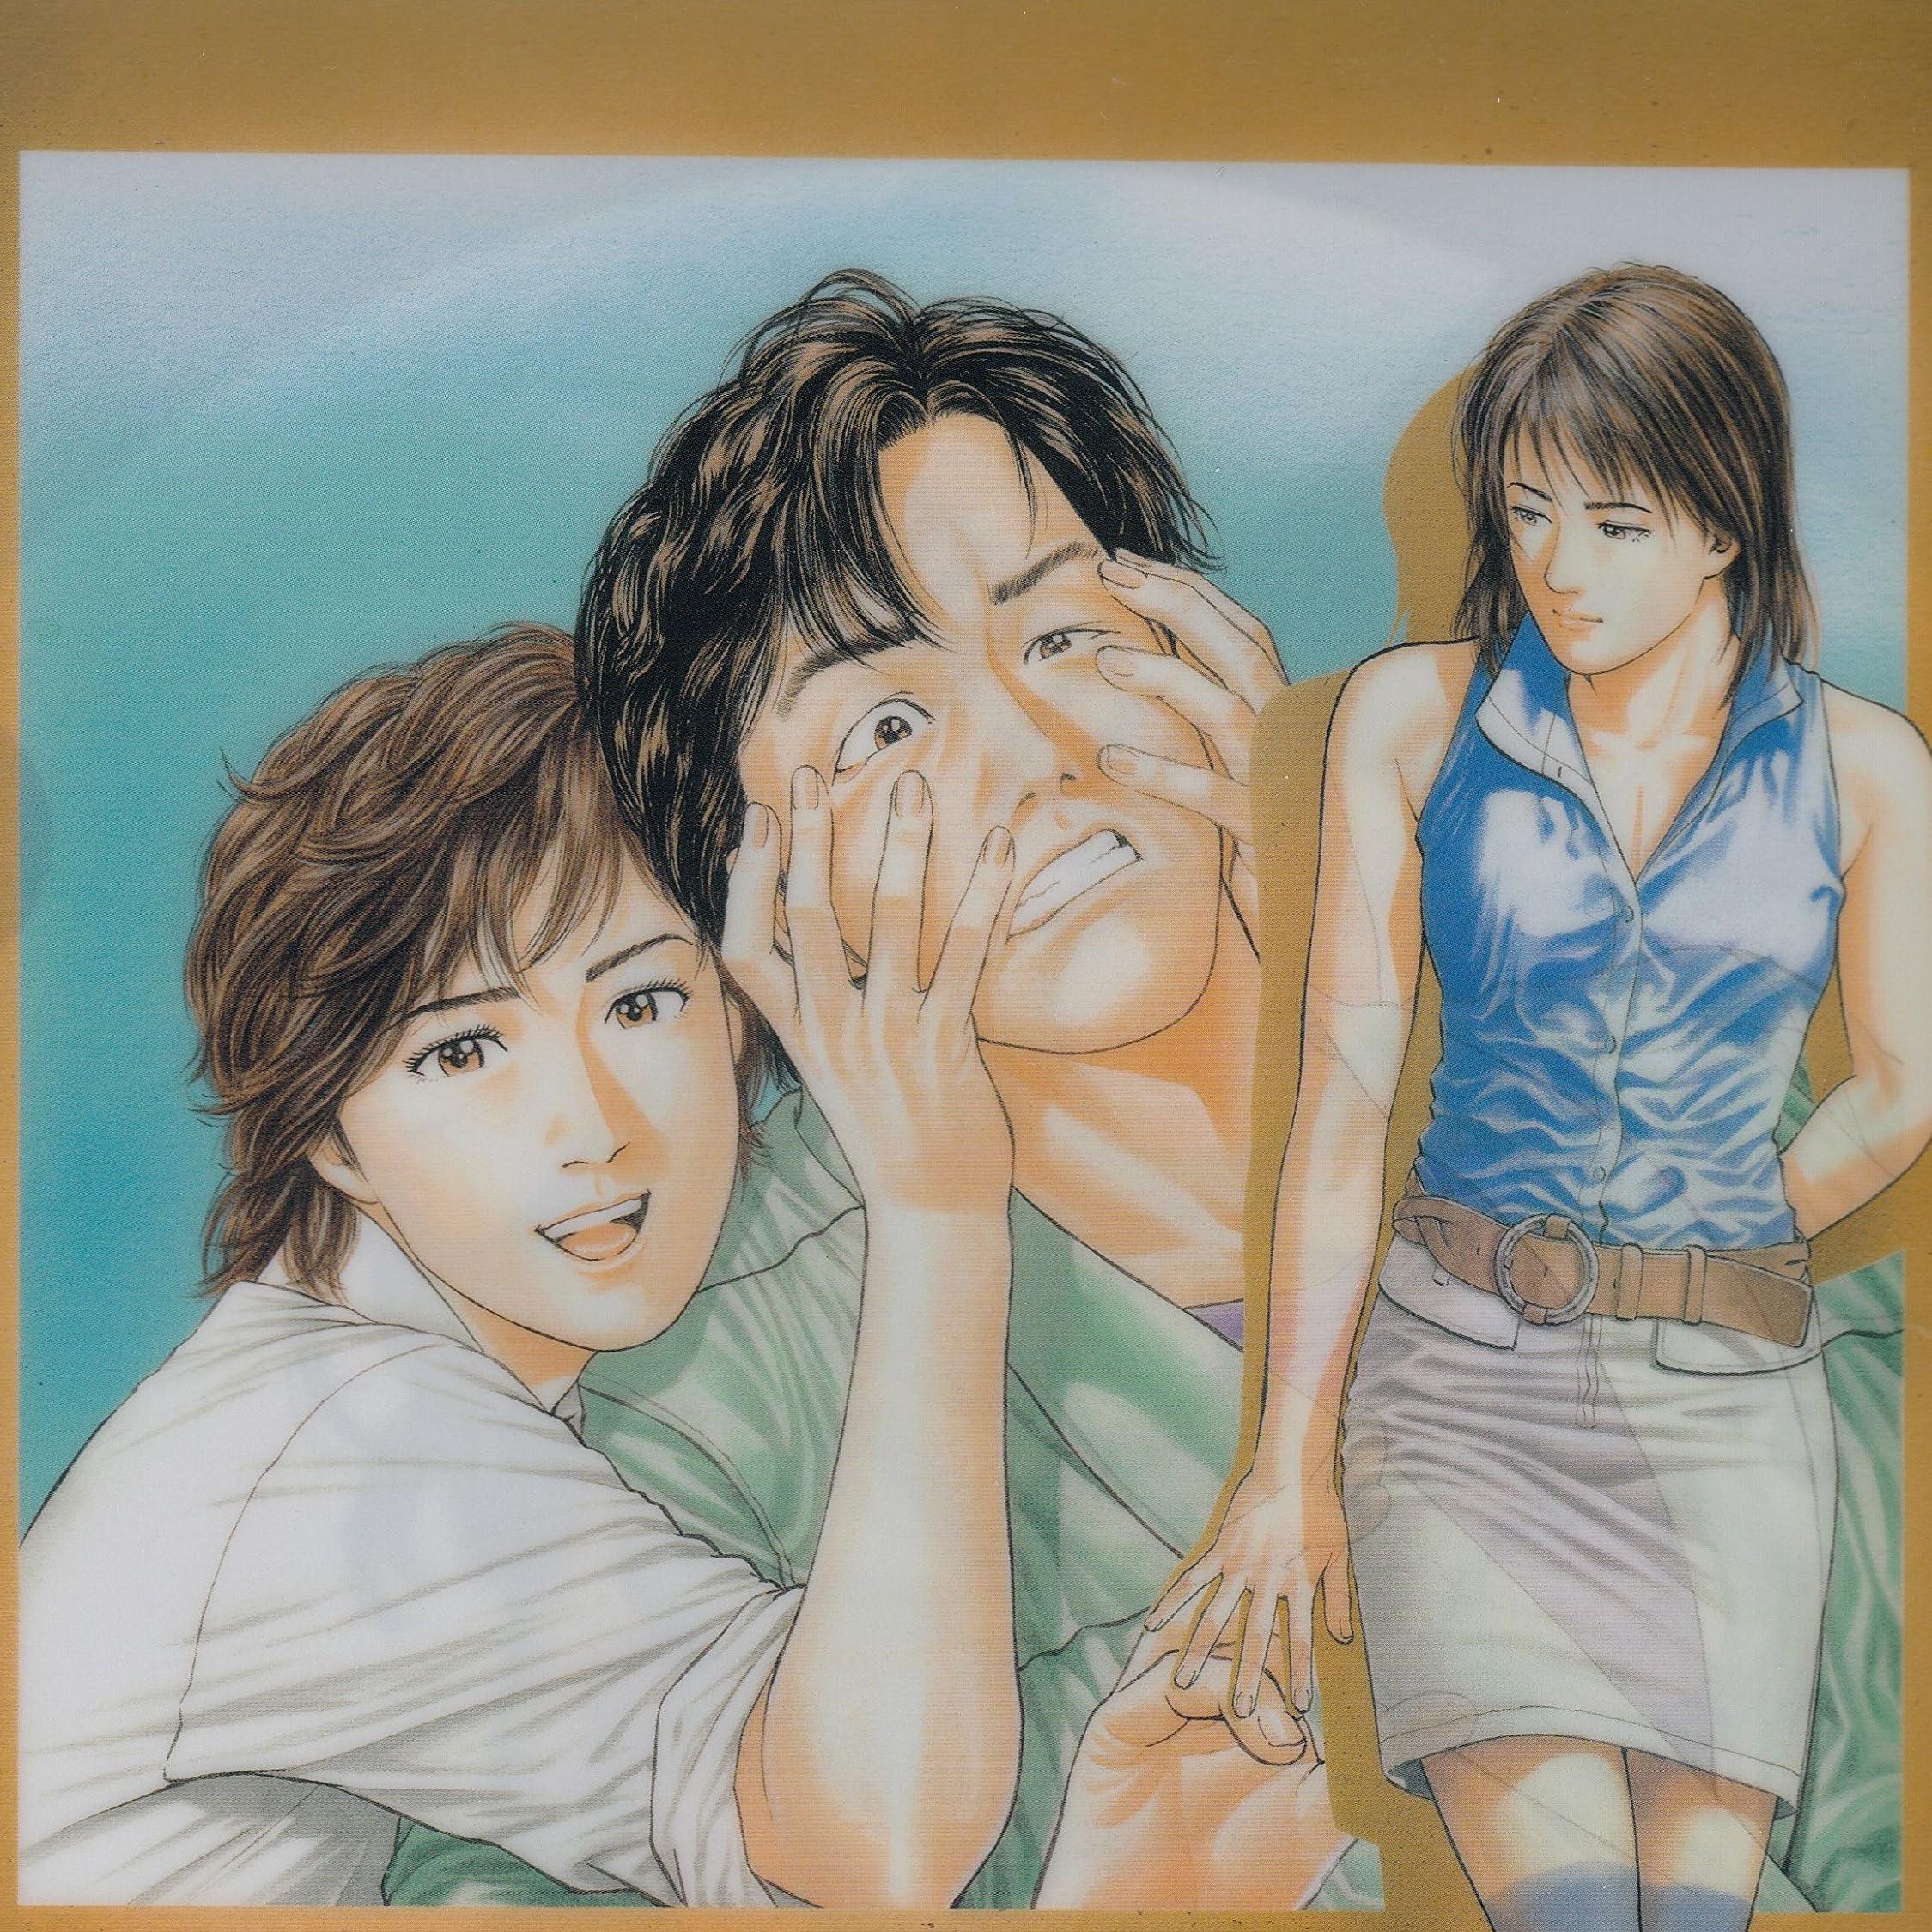 槇村香の画像 p1_7